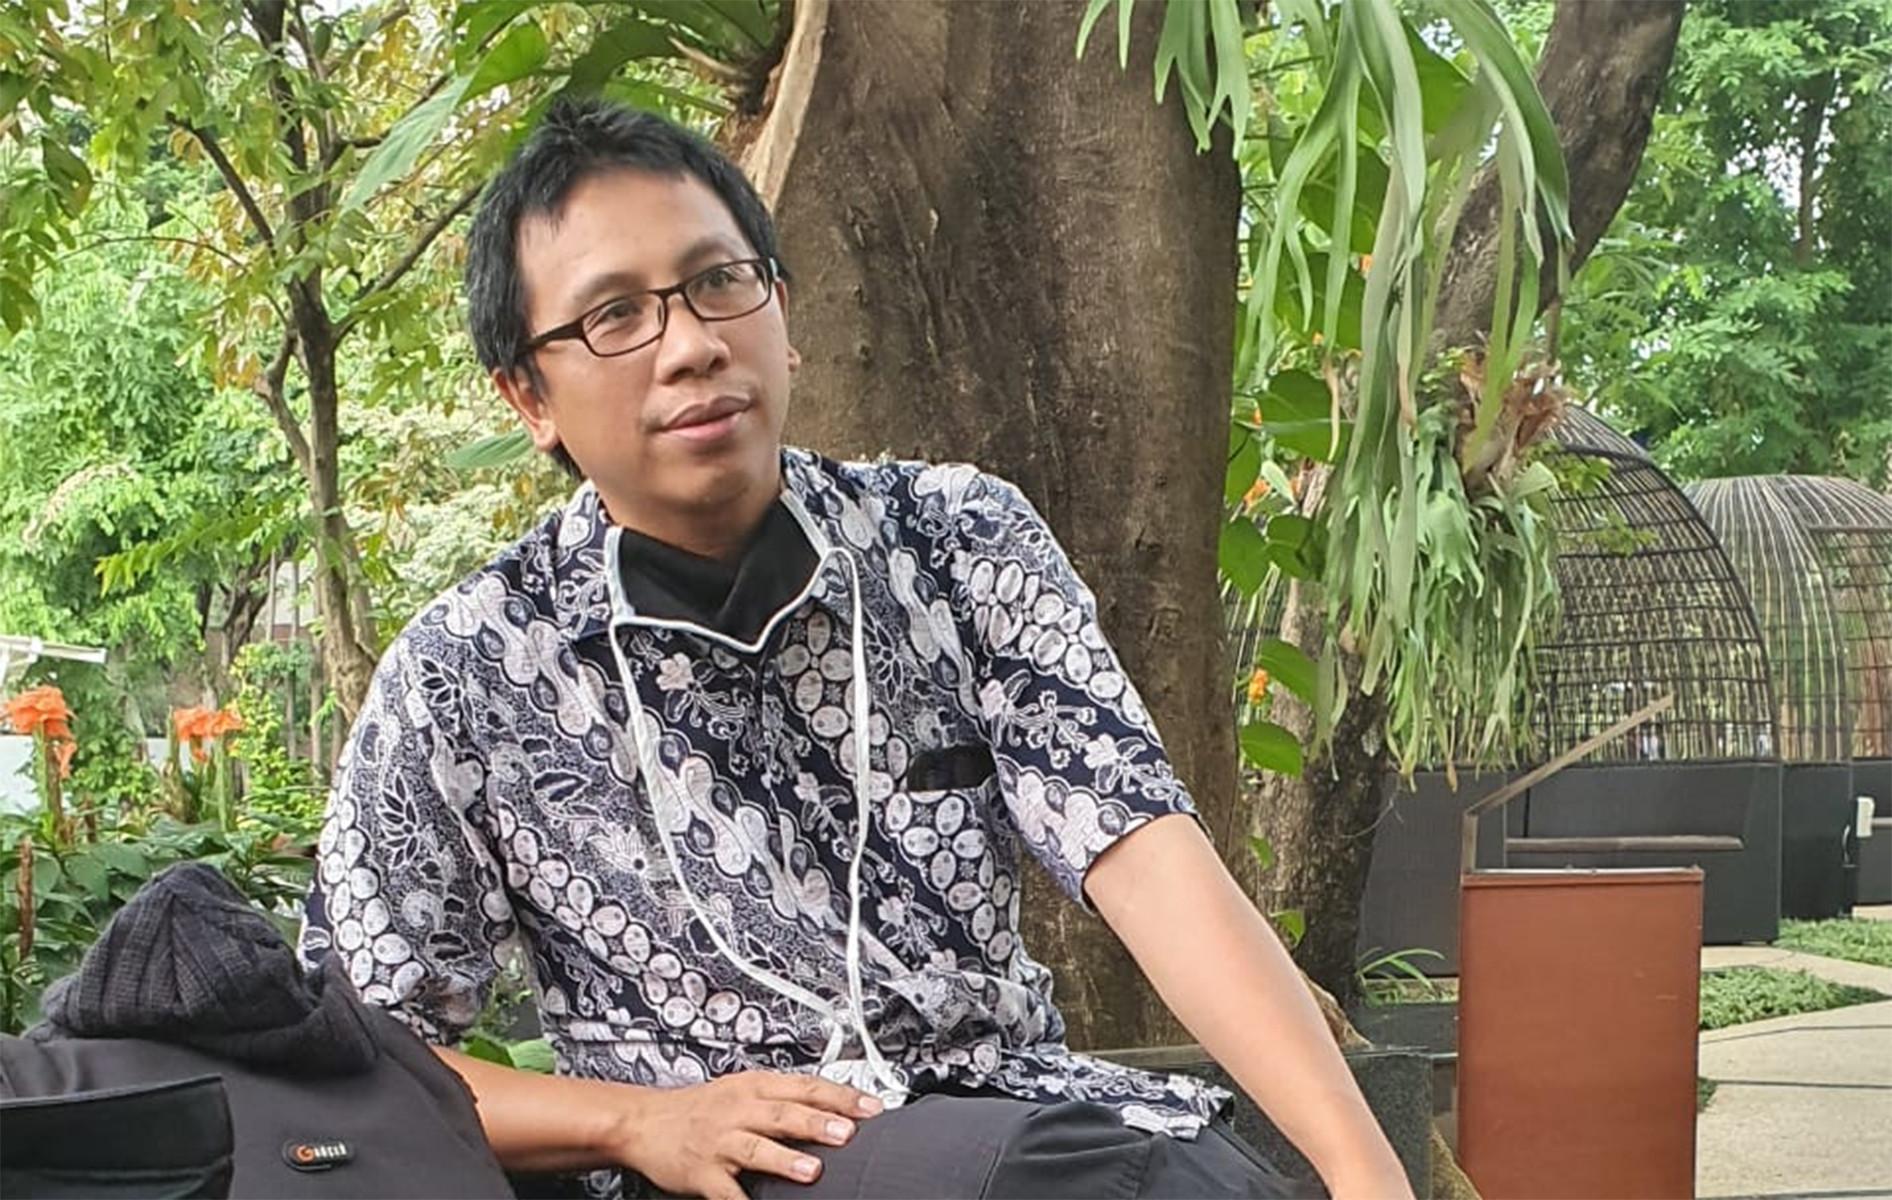 Pilkada Watch: Jokowi Abai Soal Kekosongan Kursi Sekjen KPU, Jangan-Jangan Lupa - JPNN.com